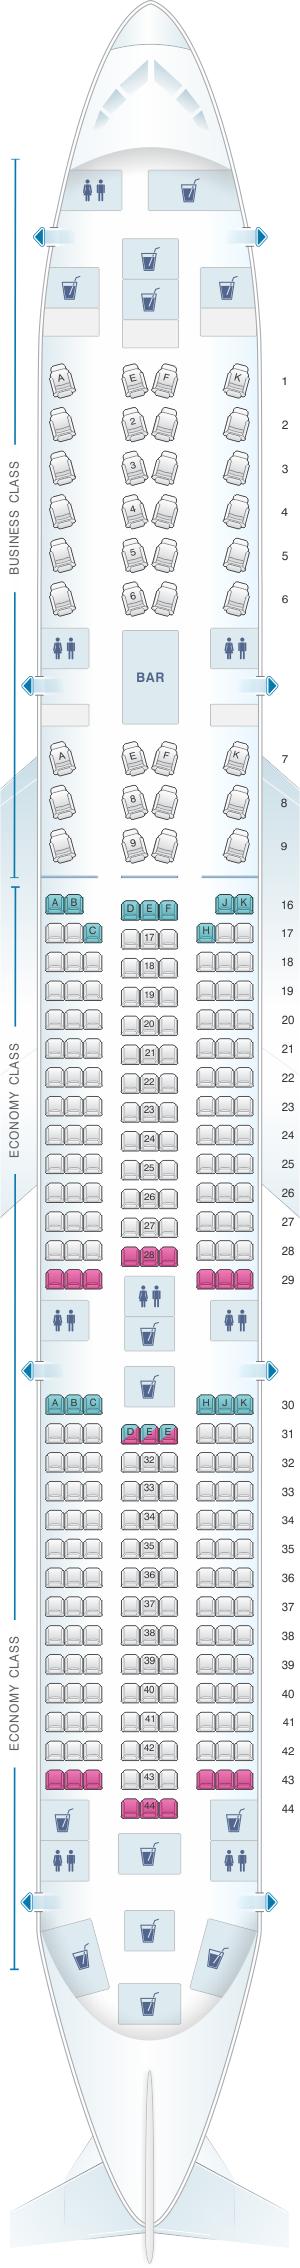 Seat Map Qatar Airways Airbus A350 Air transat, China